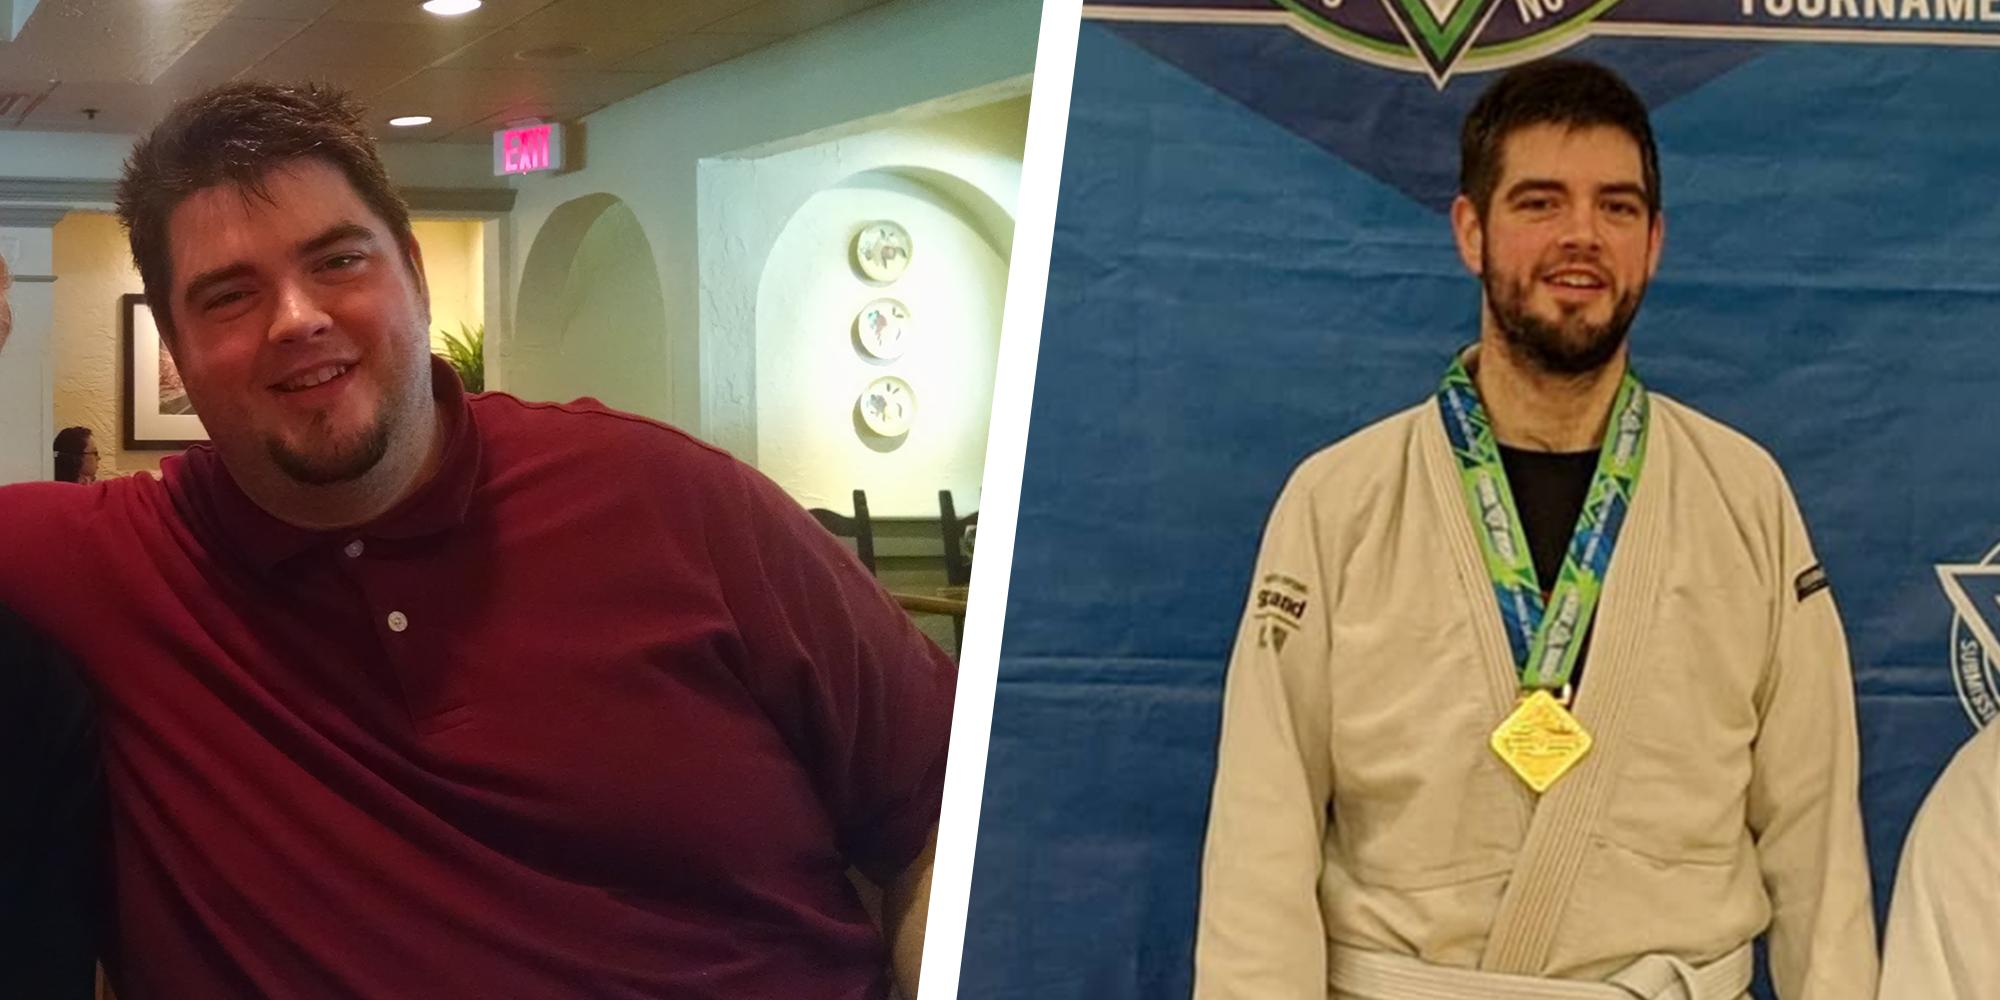 Man Has 150-Pound Weight Loss Transformation From Jiu-Jitsu